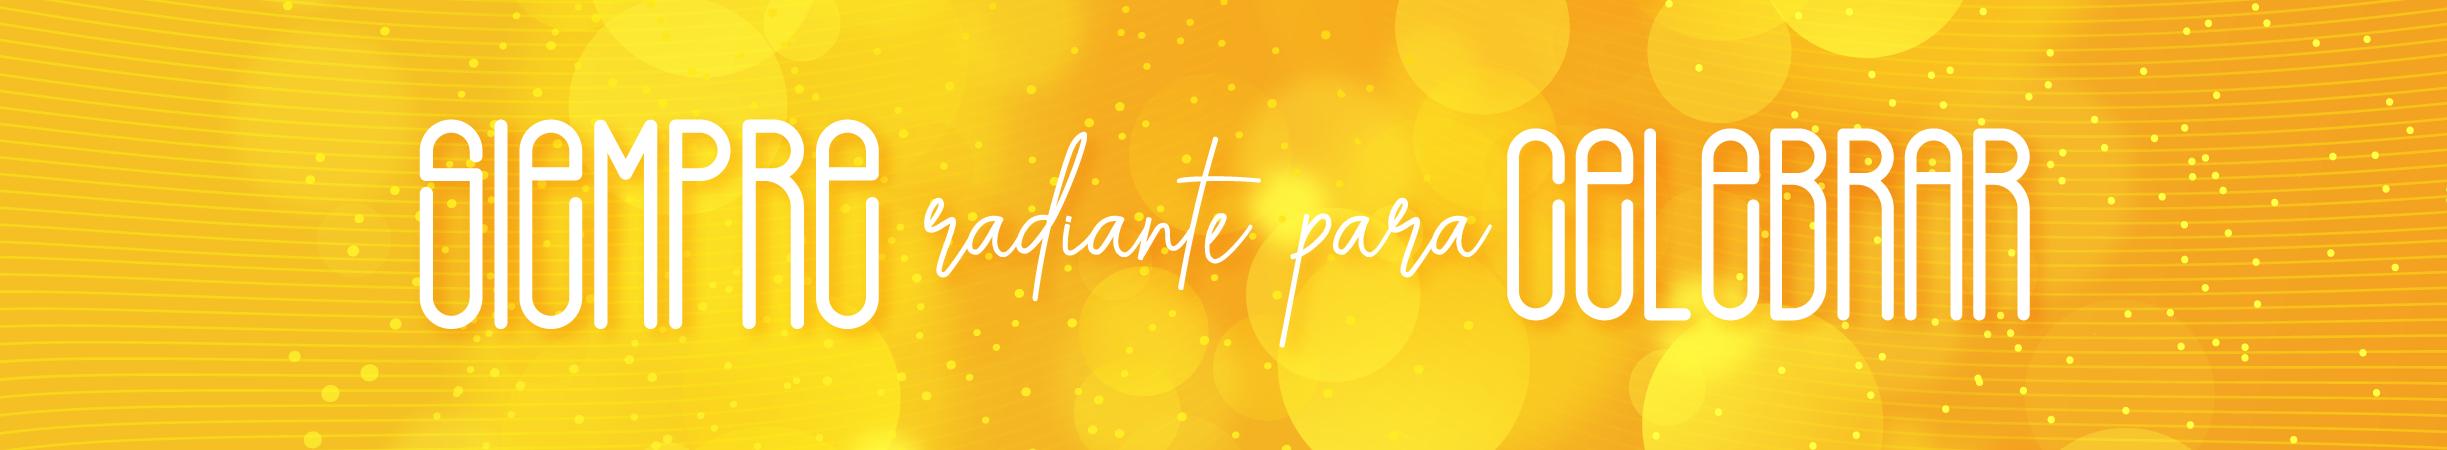 Banner-radiante-promo.png